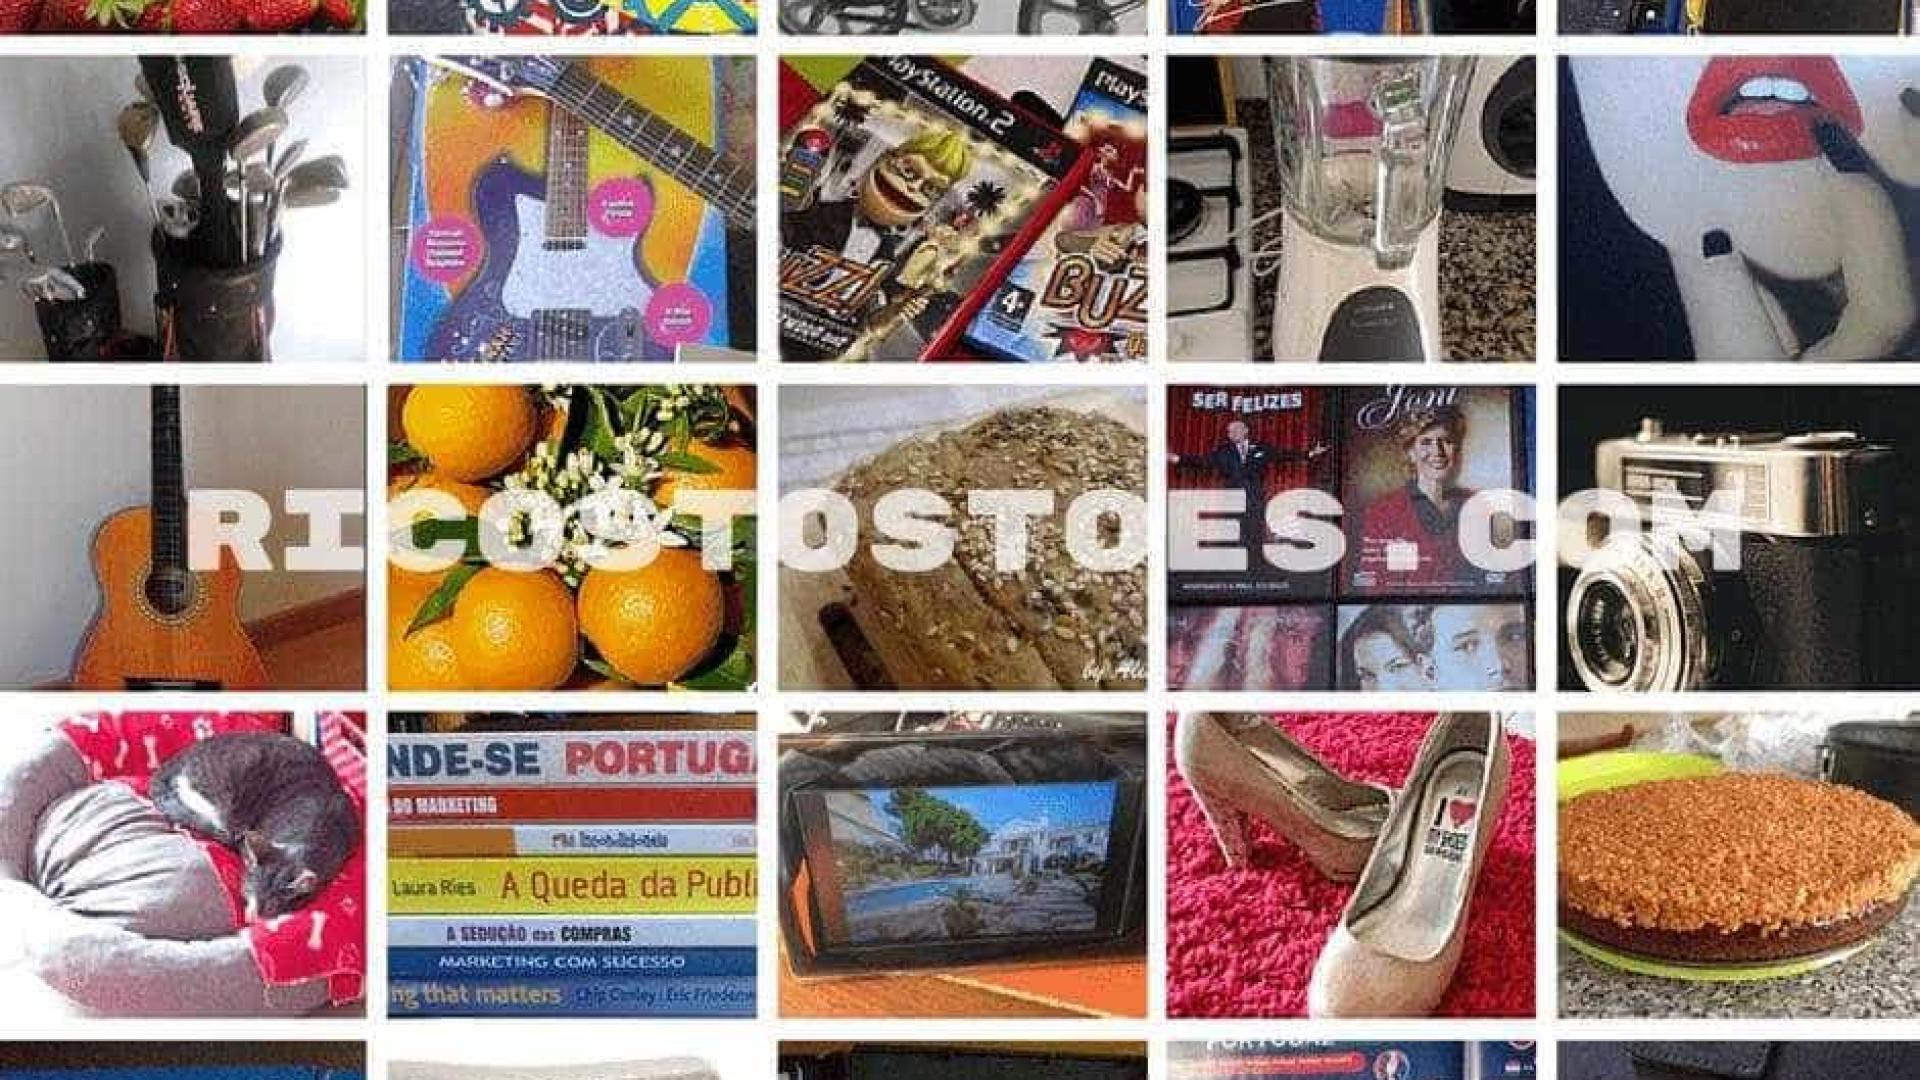 Tostões: A moeda digital portuguesa chegou para mudar o país e o mundo